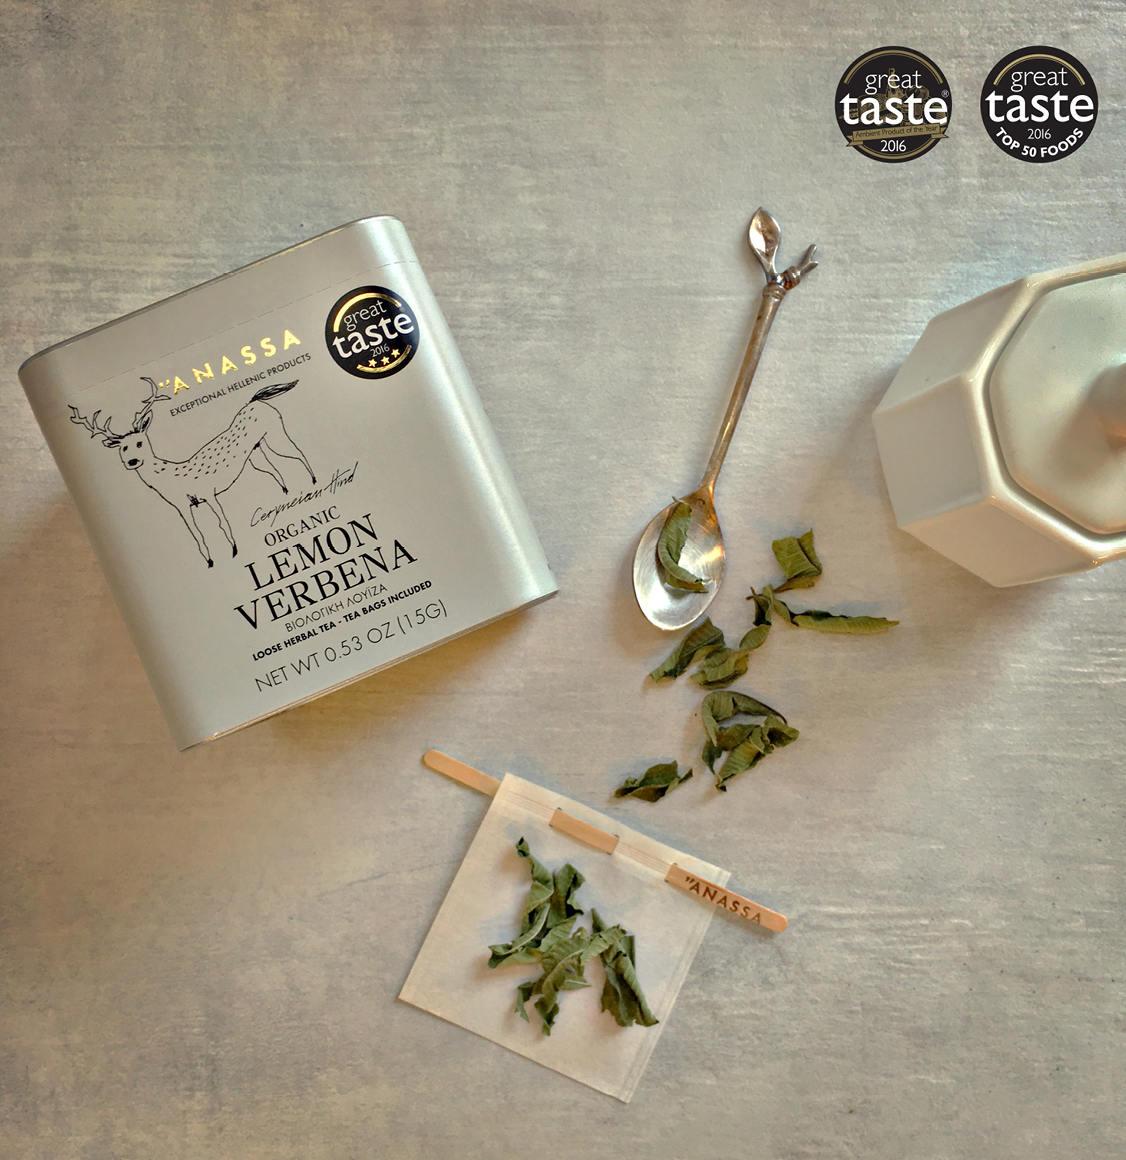 Anassa Organics Tin Βιολογική Λουίζα